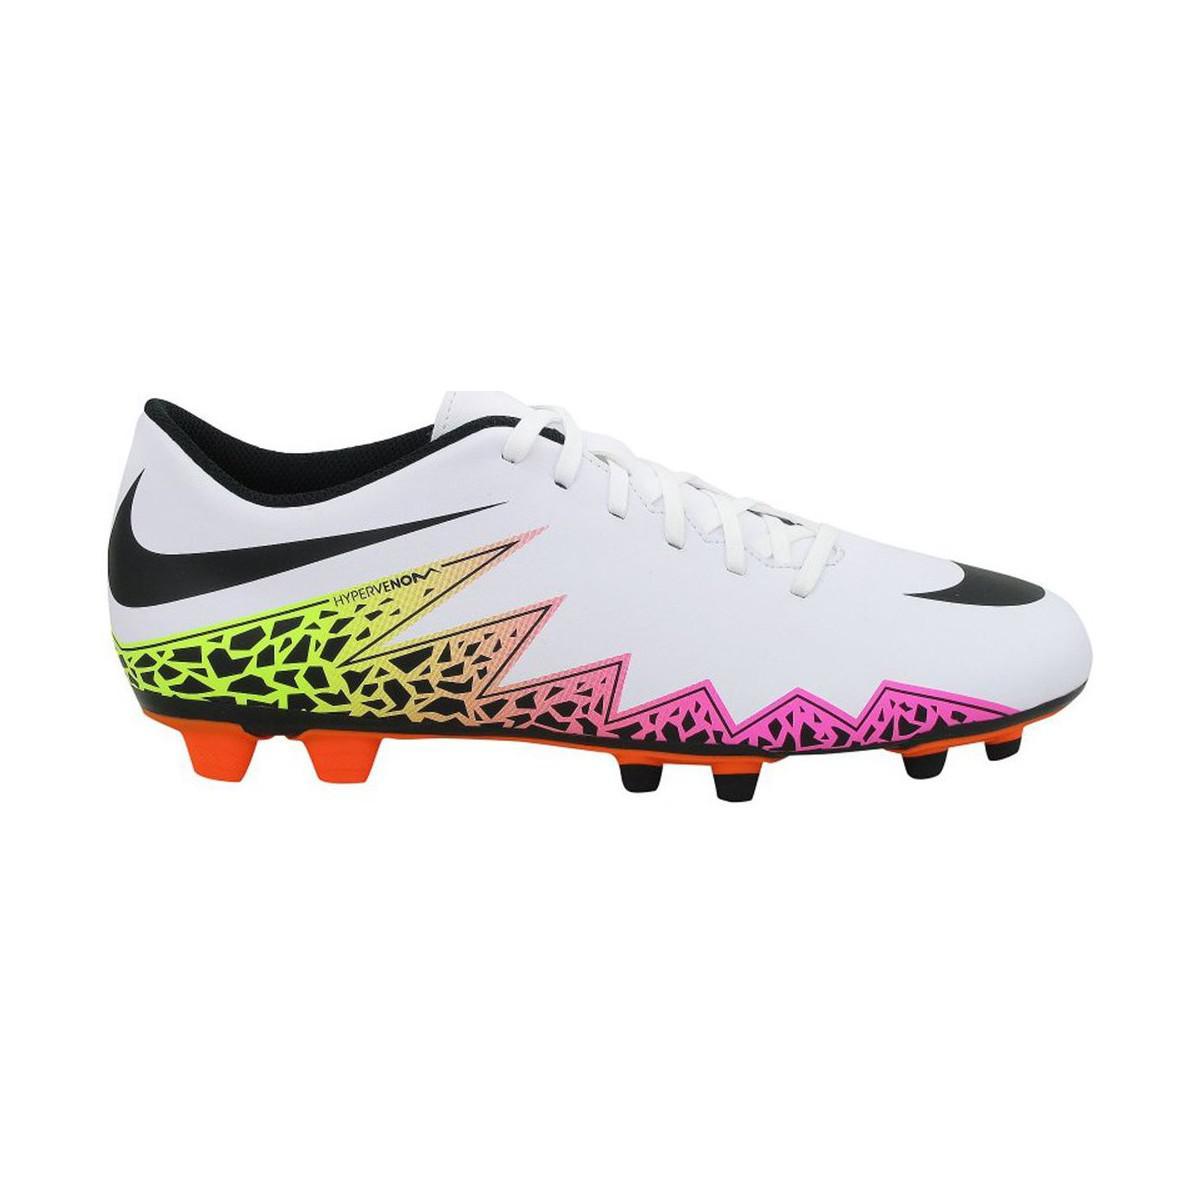 brand new 5c4cf e86c8 ... uk nike hypervenom phade ii fg mens shoes trainers in white in white  5193c c74d6